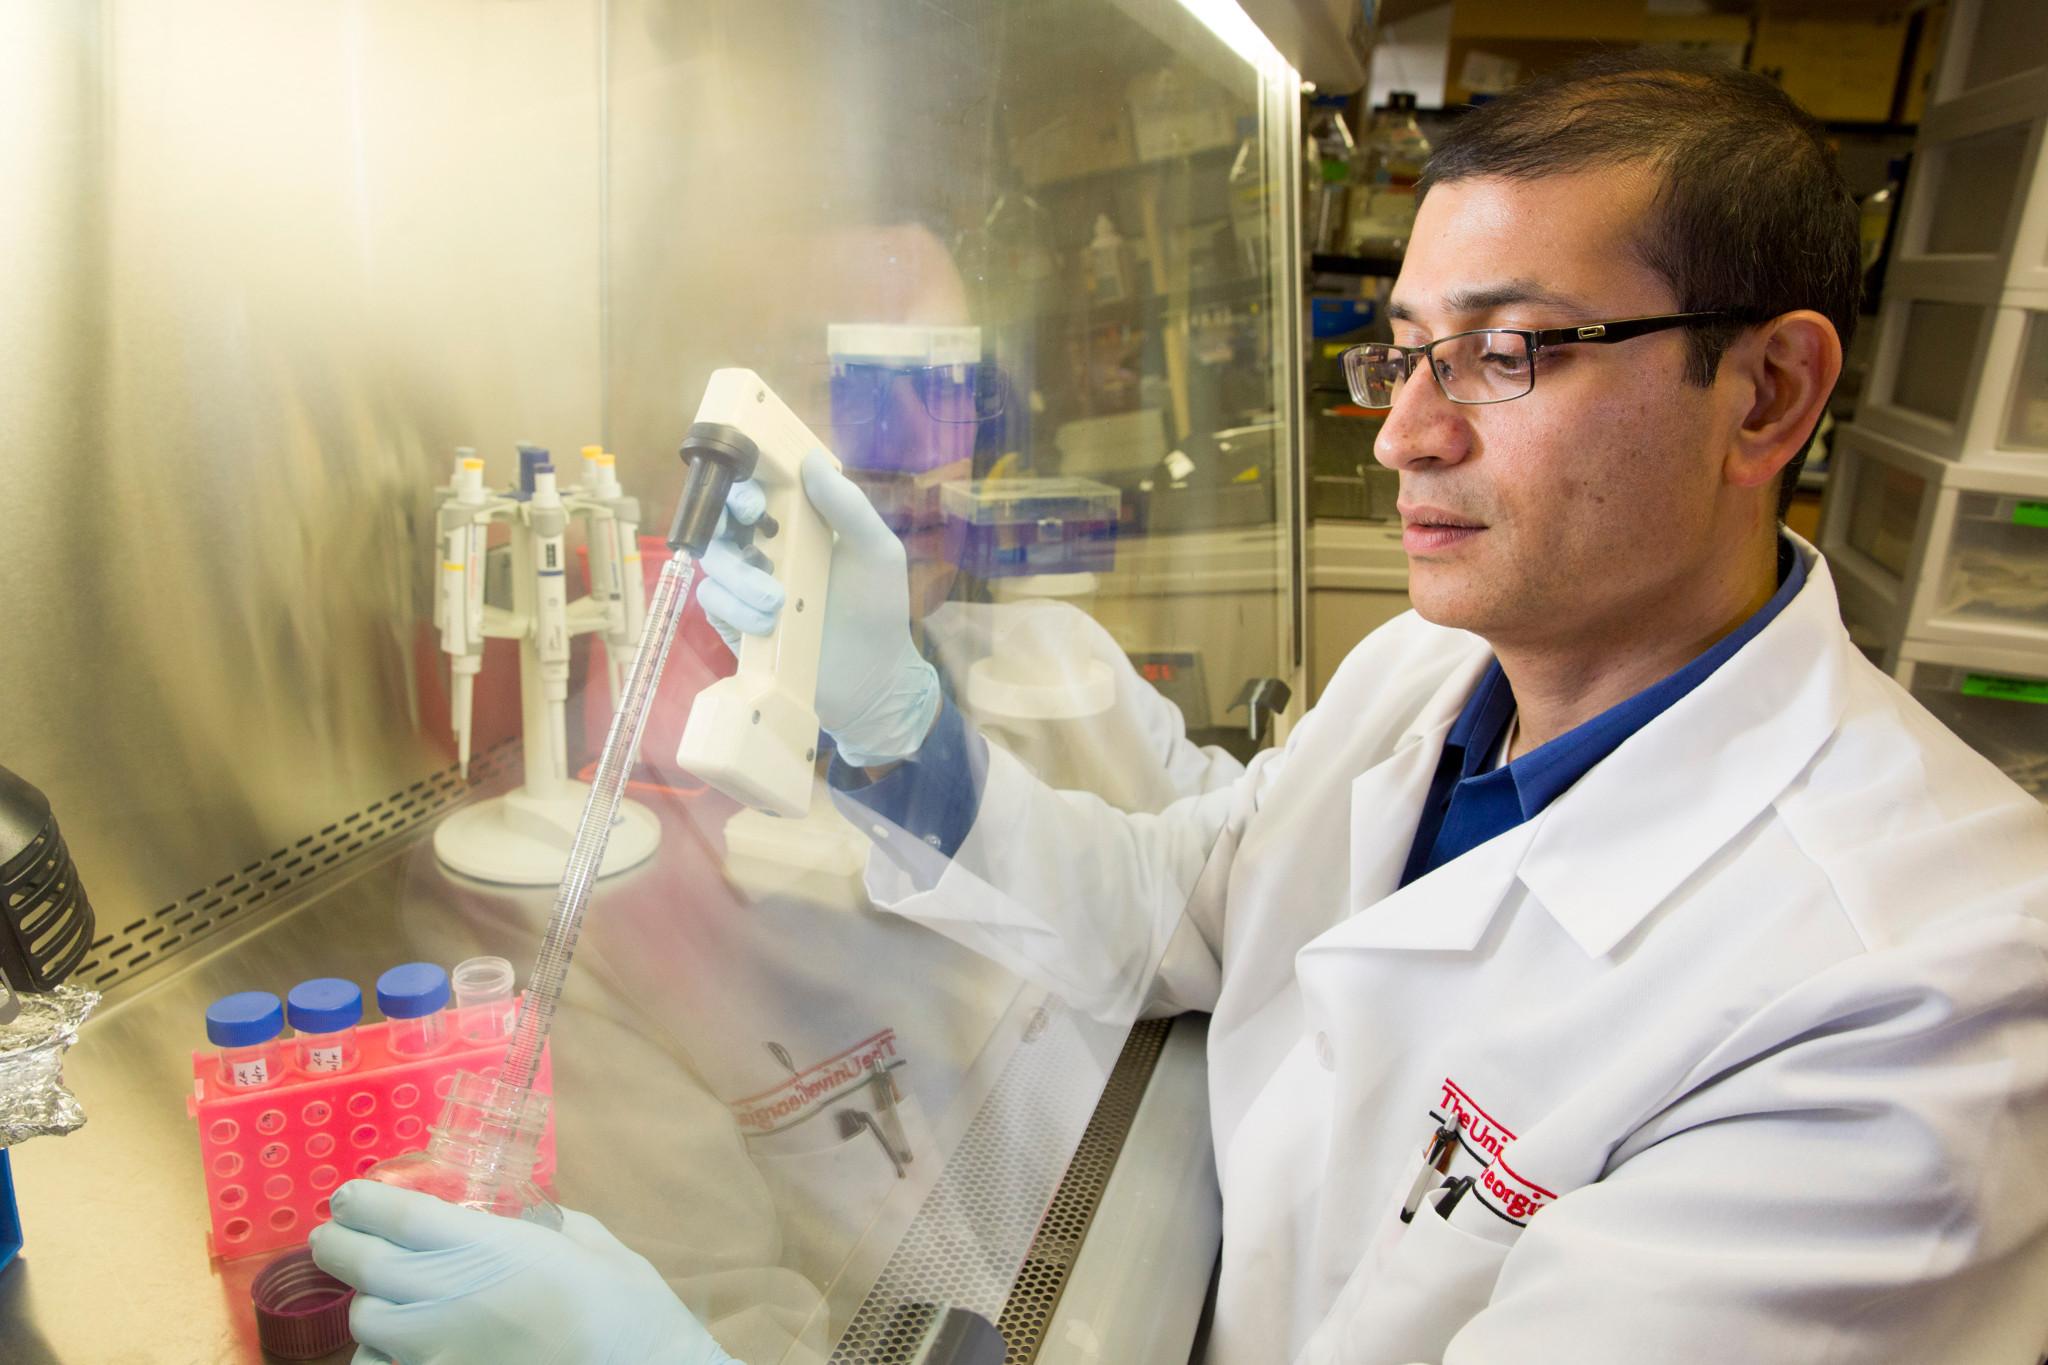 Lohitash Karumbaiah at work in his lab. (Photo by Dorothy Kozlowski/UGA)